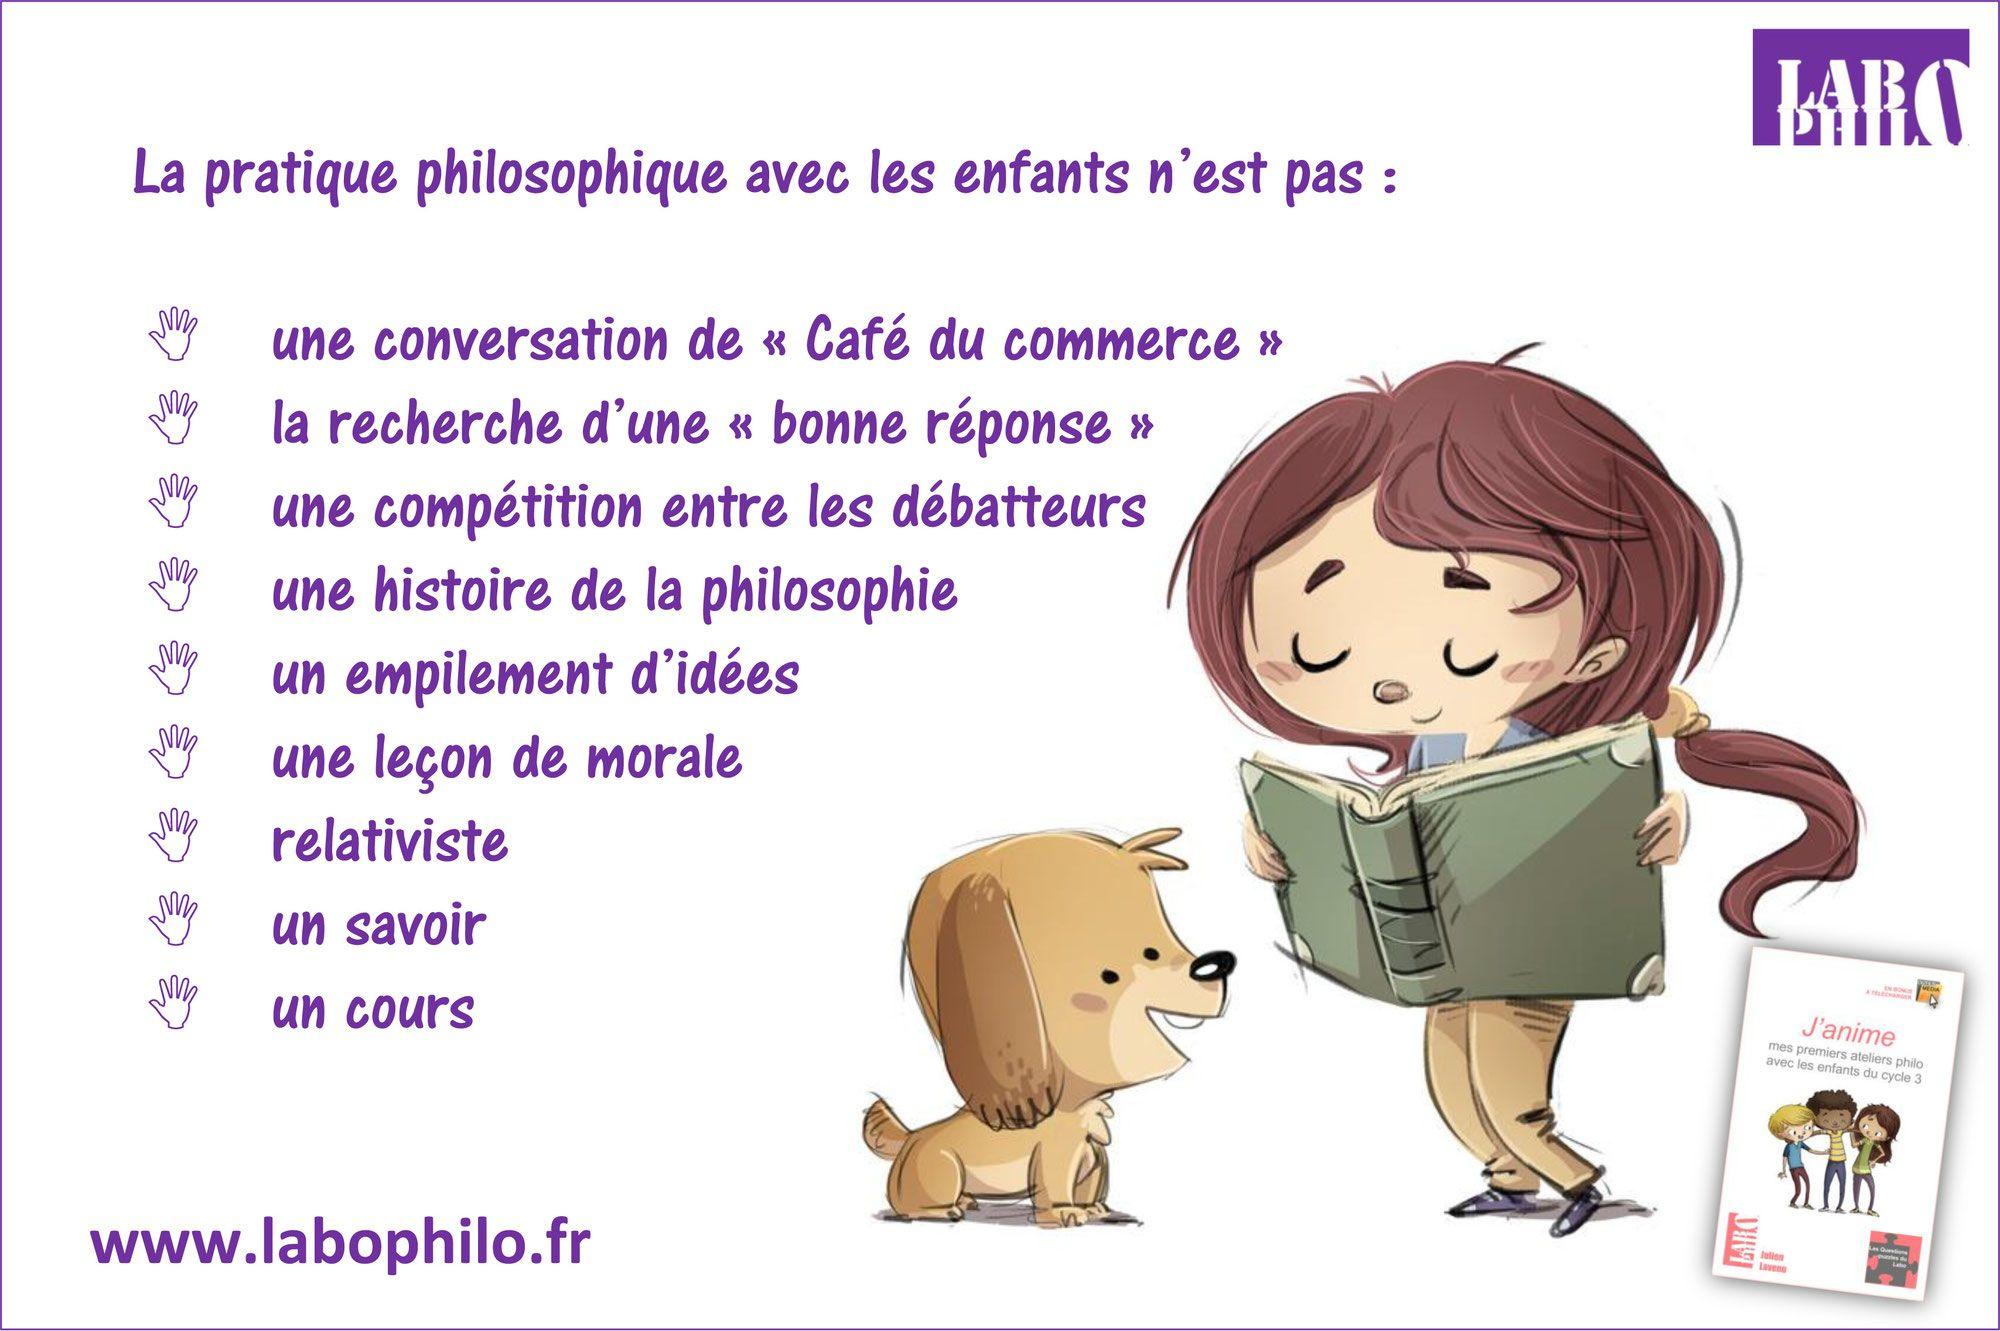 Blog Site De Labophilo Histoire De La Philosophie Sexisme Enseignement